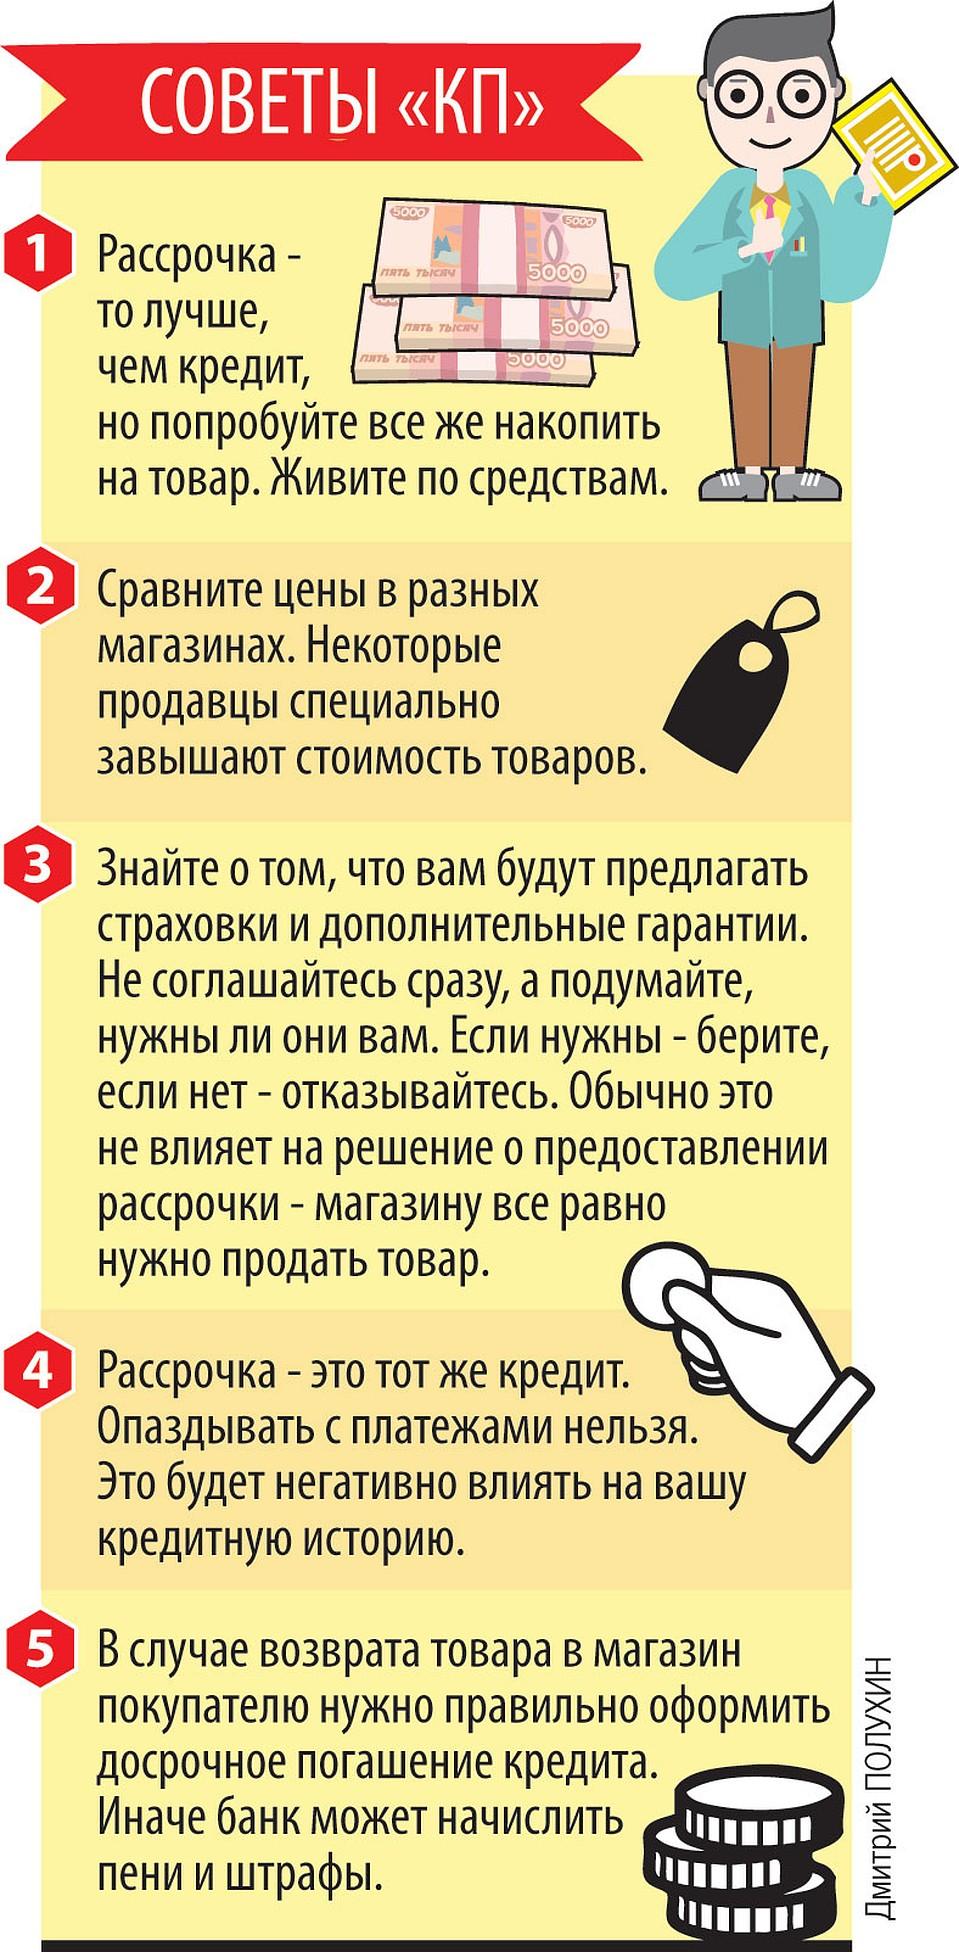 московский кредитный банк можно больше